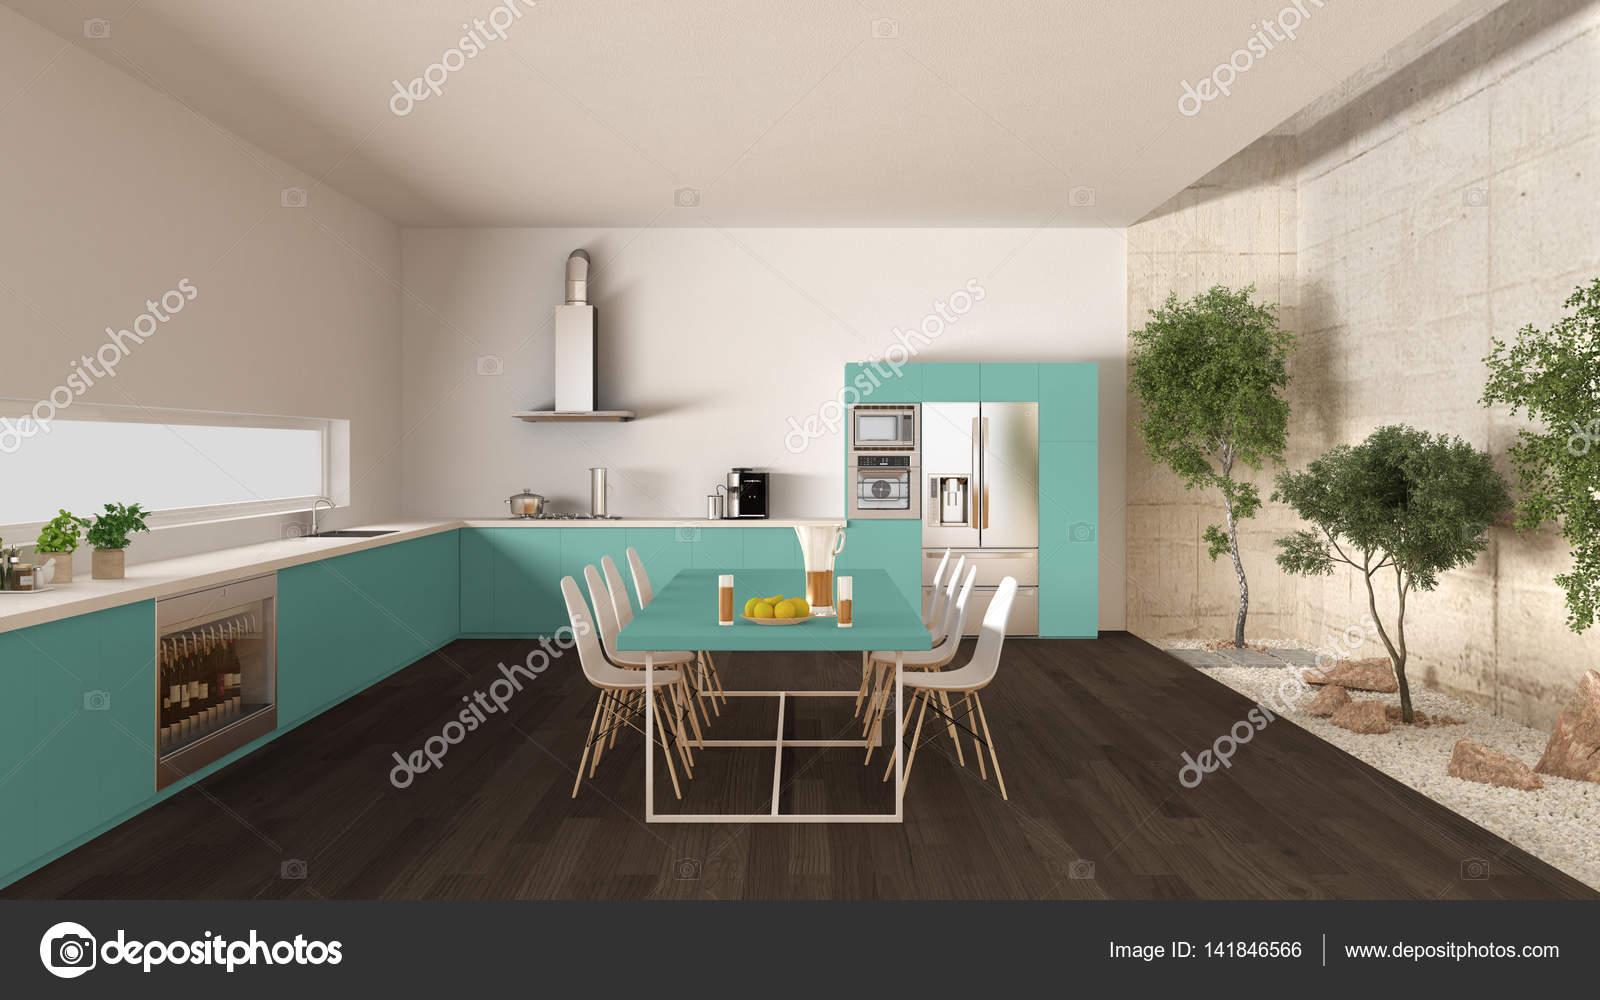 Cuisine blanche et turquoise avec jardin intérieur, intérieur ...